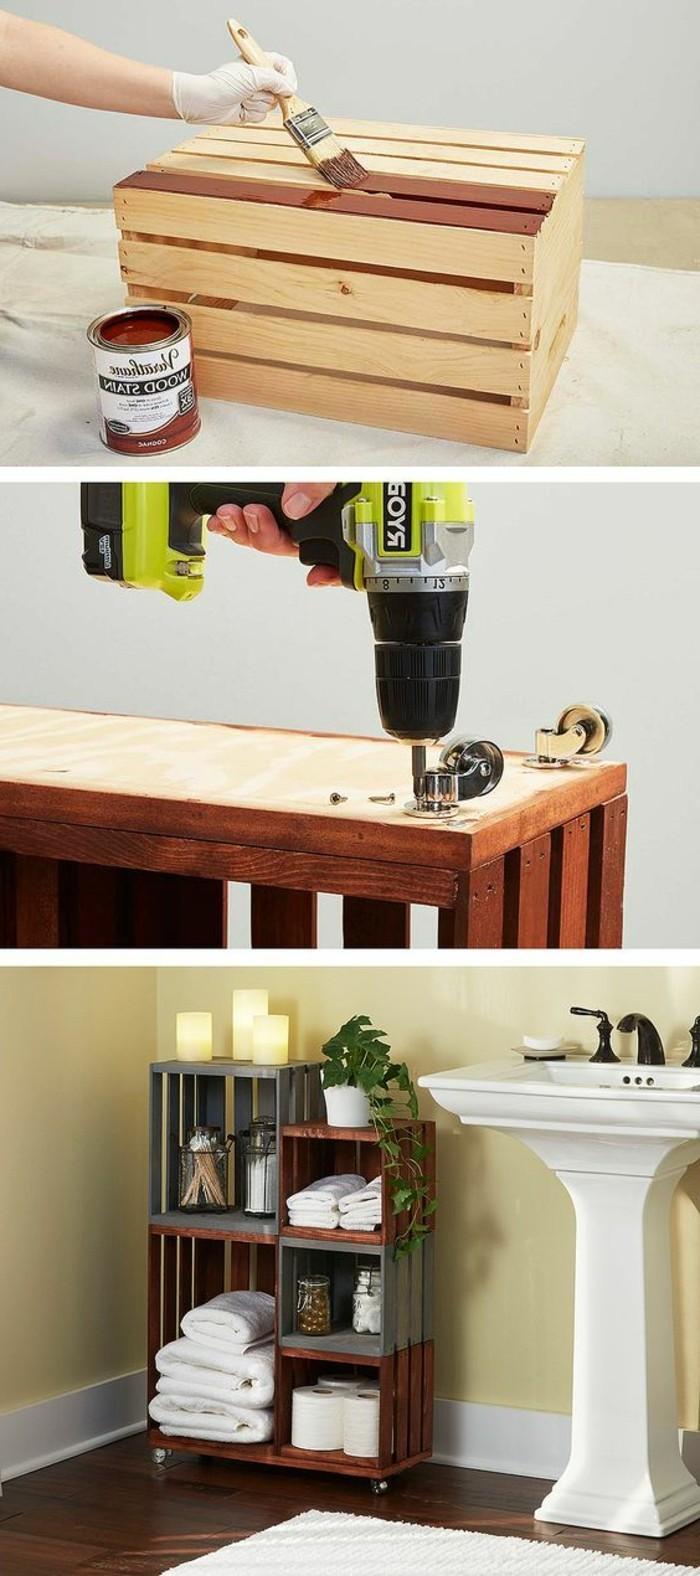 muebles-con-palets-para-el-baño-decoración-interesante